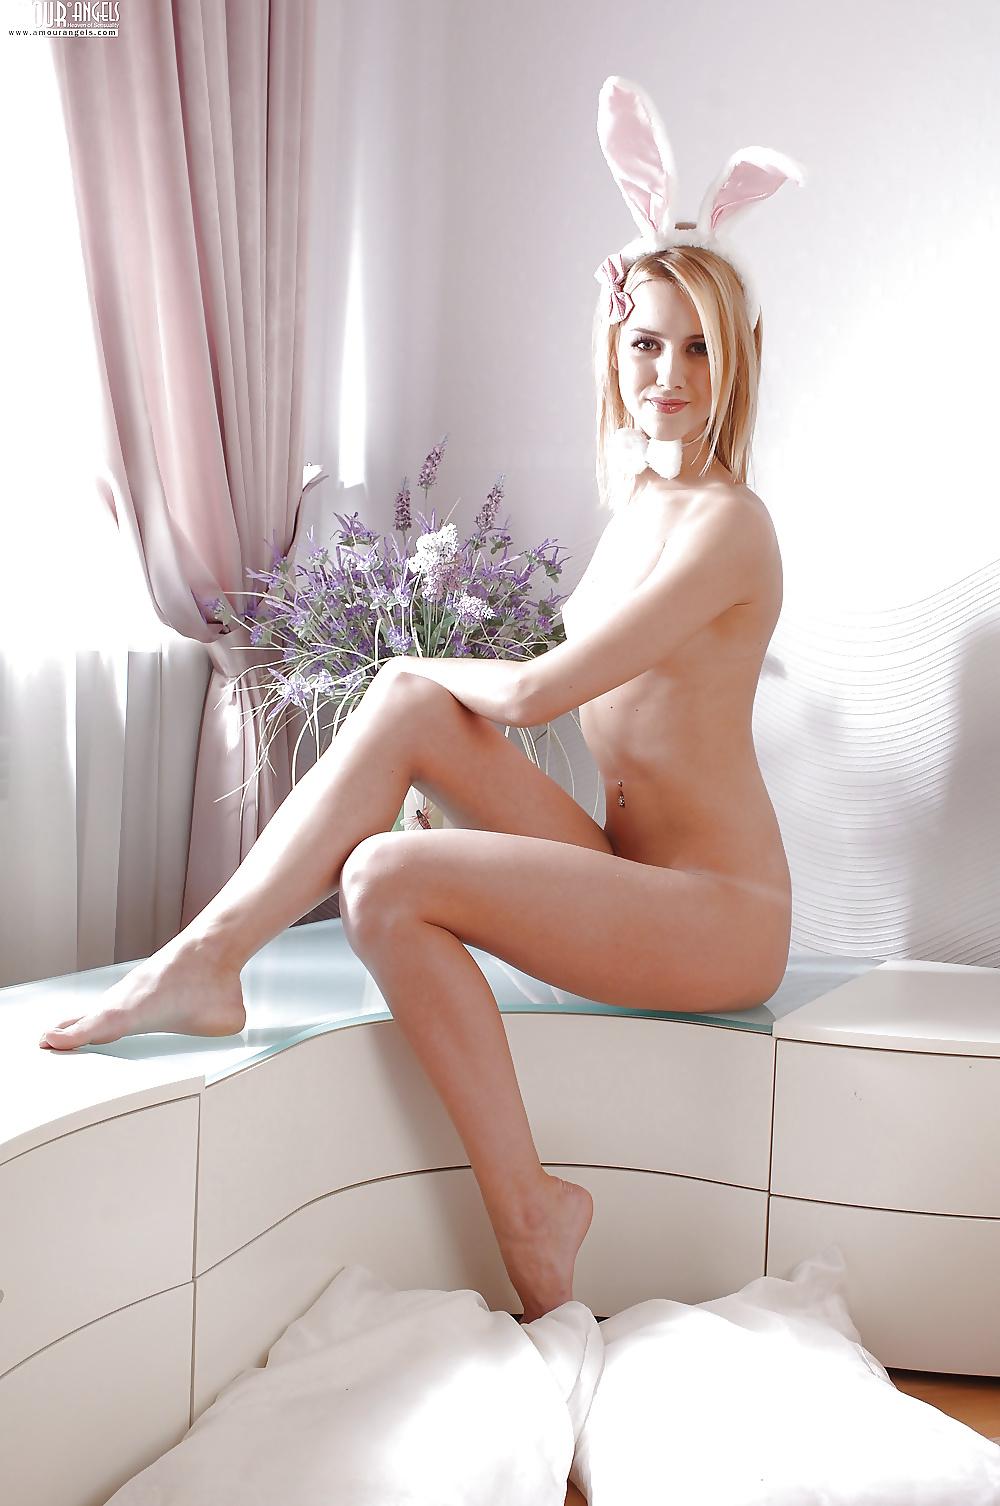 Schöne Teenager nacktfotos in Hasekostume - Bild 10